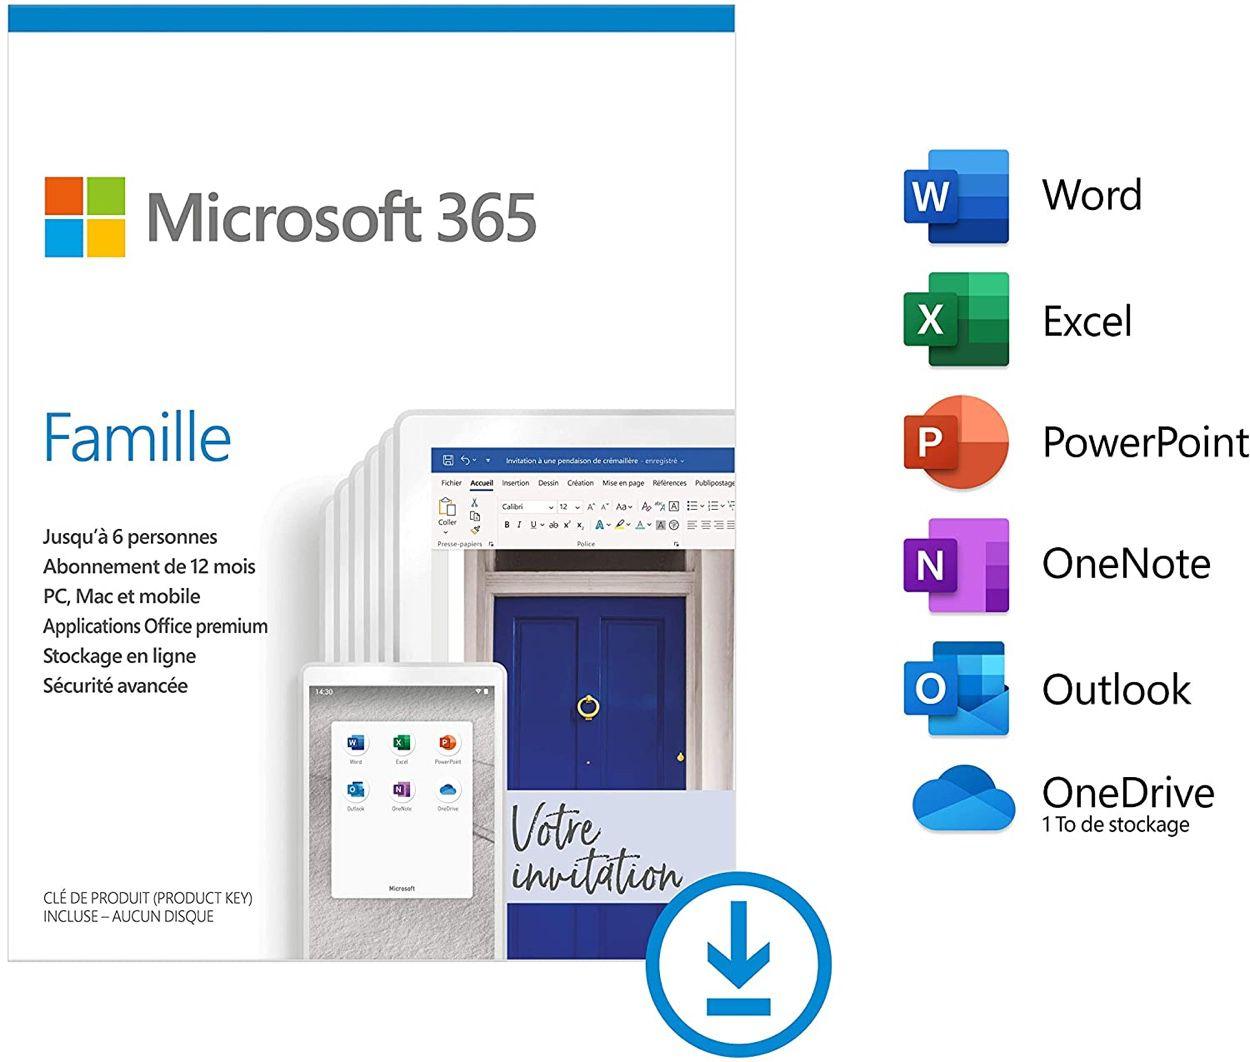 Abonnement d'un an à Microsoft 365 Famille à moitié prix (49 €) — Promotion